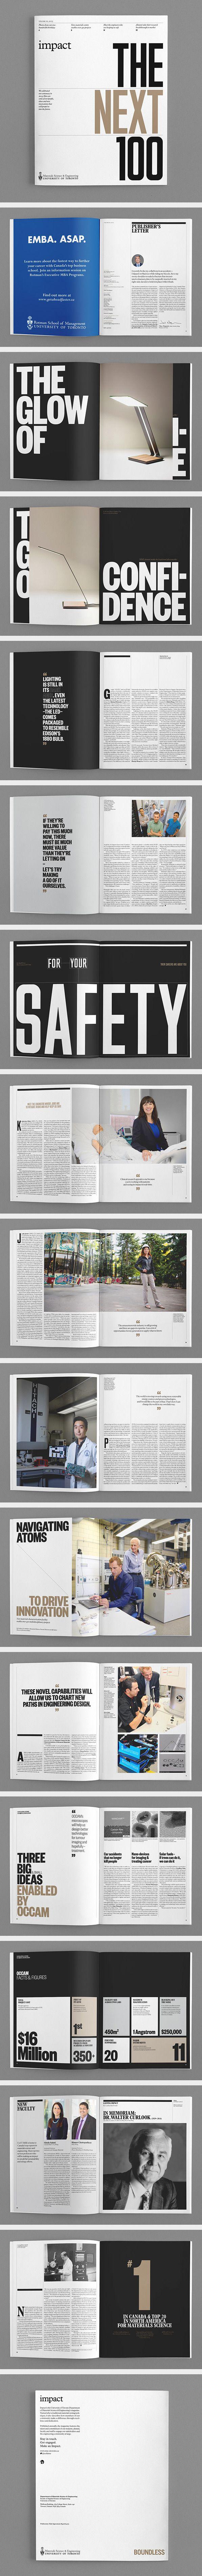 Impact Magazine, Issue 3 #editorial #design #magazines